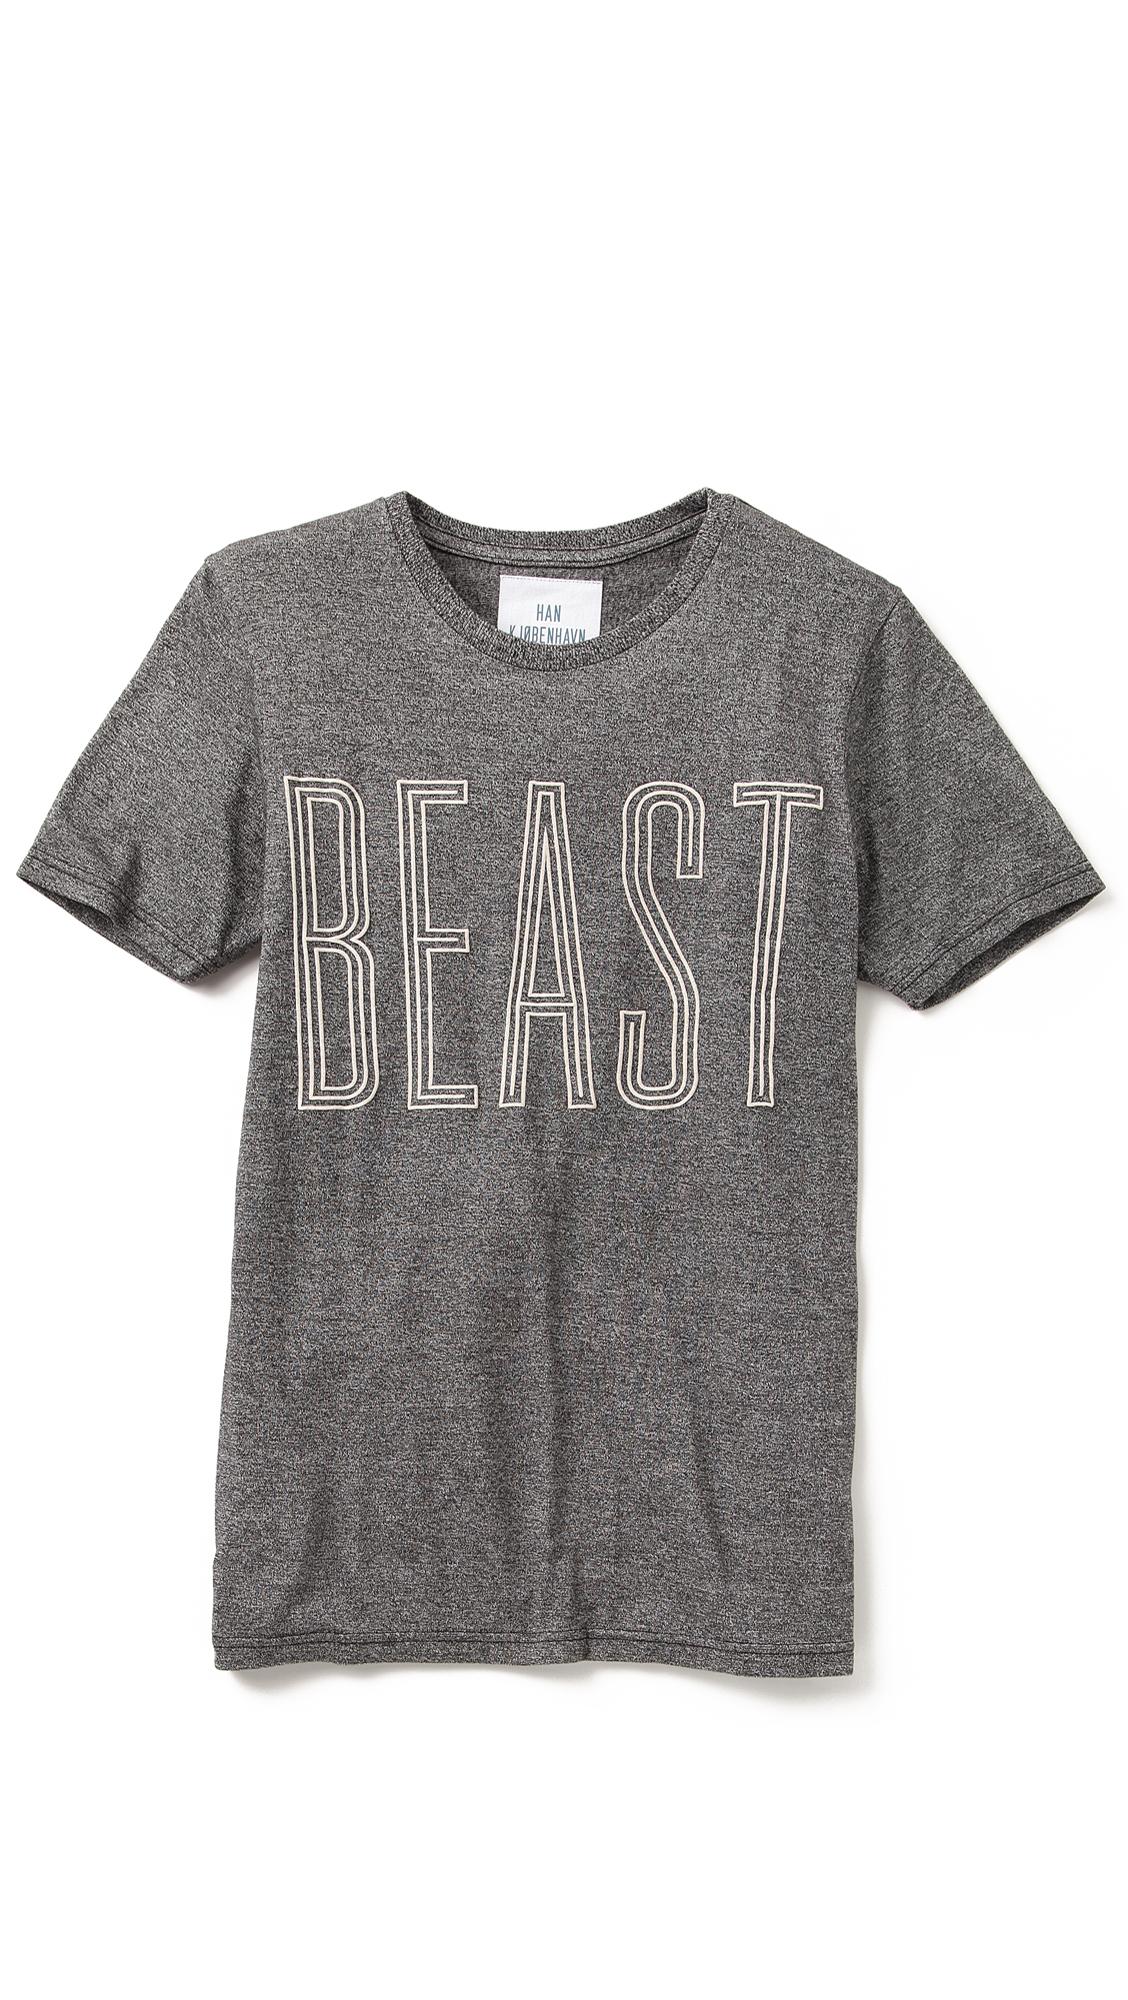 Lyst Han Kjobenhavn Beast T Shirt In Gray For Men